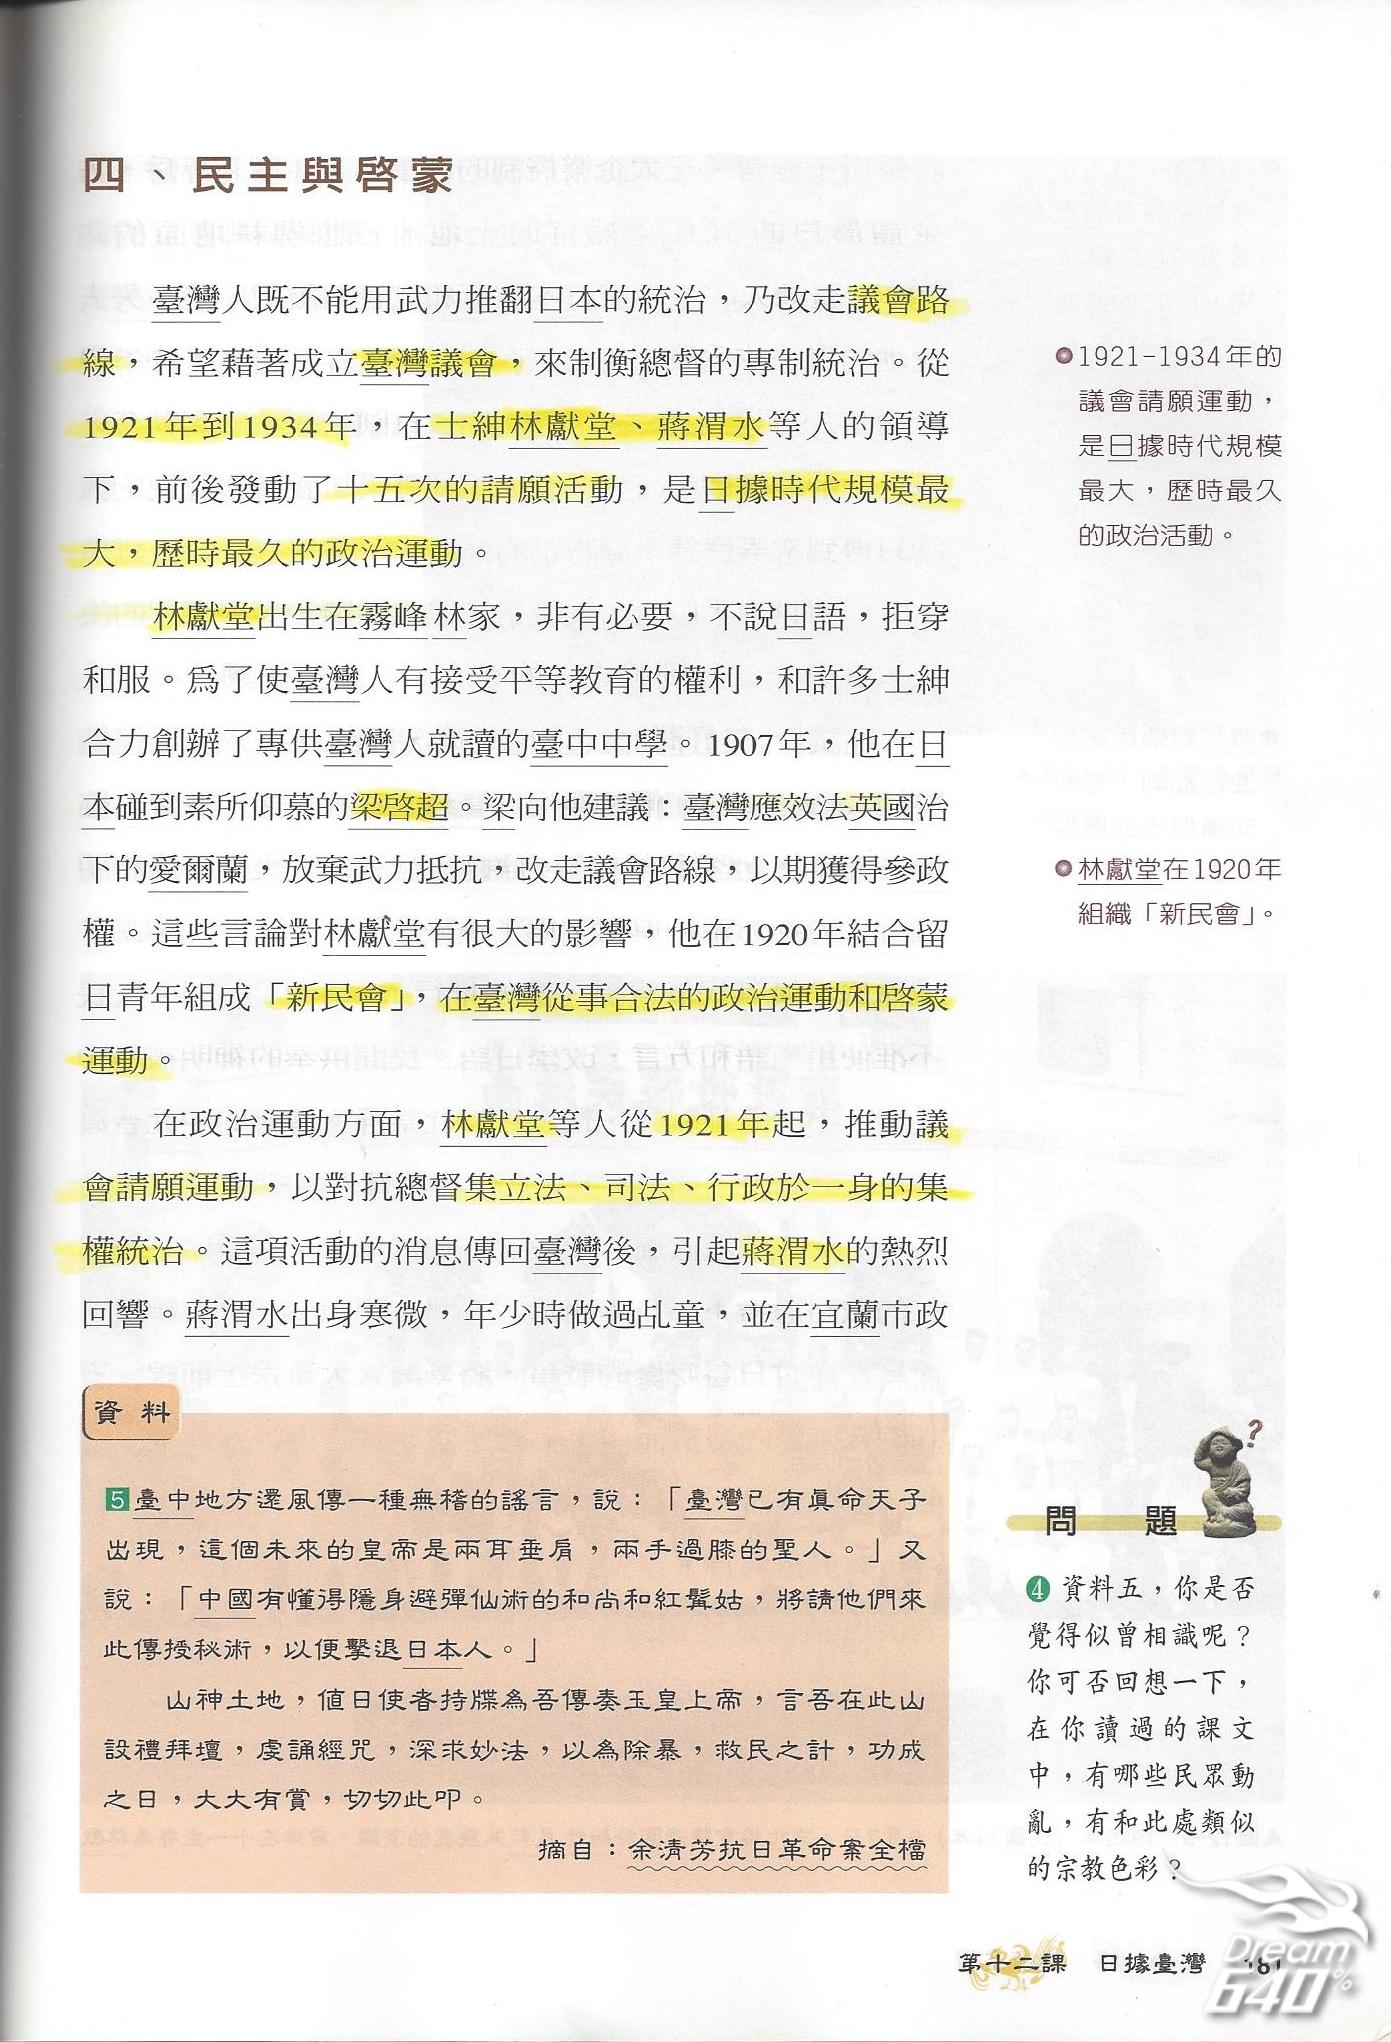 歷史課本-蔣渭水-內頁-6.jpg